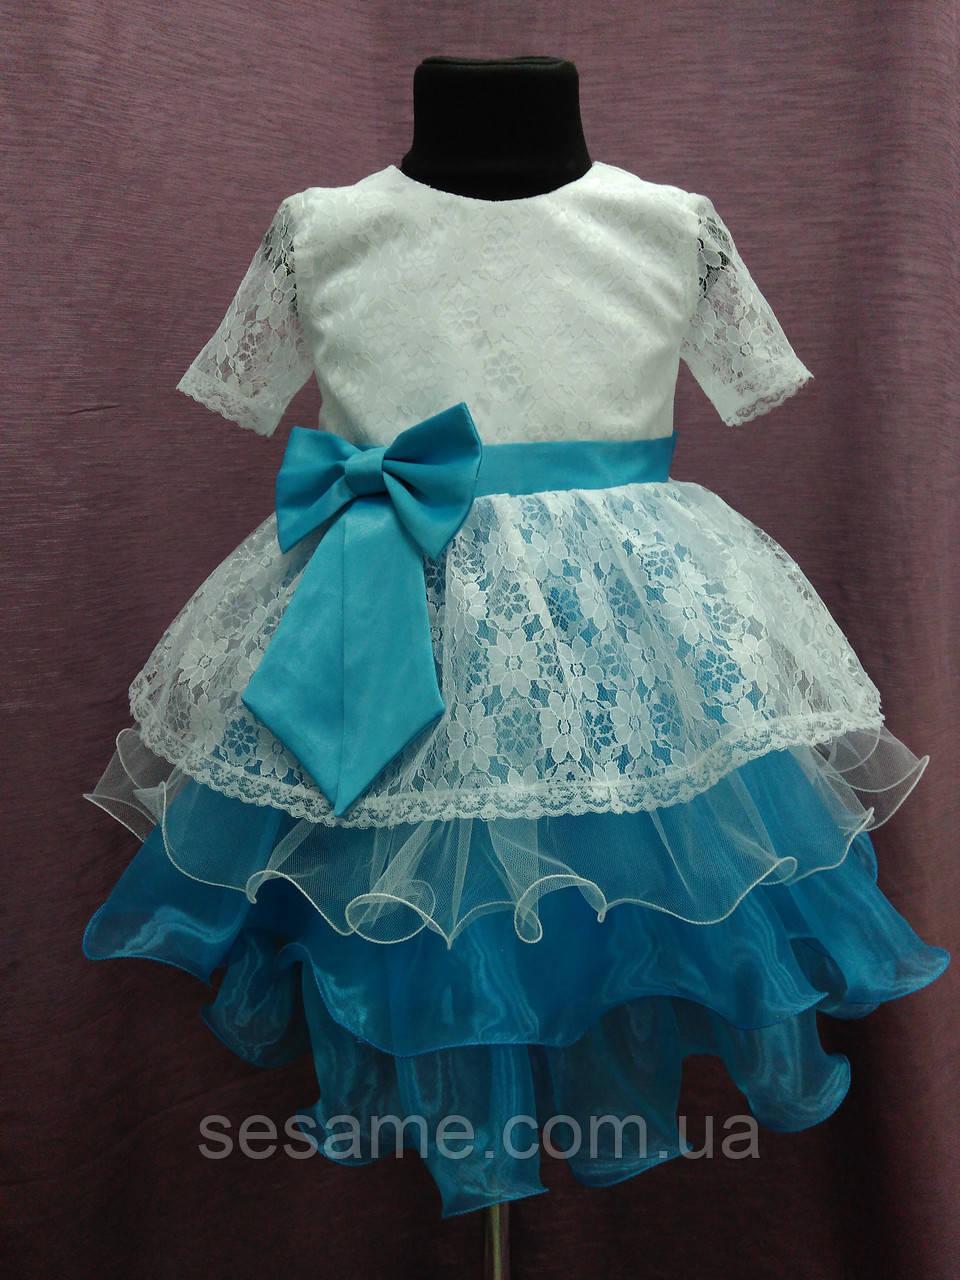 Платье детское нарядное с многослойной юбочкой на 3-5 лет белое с голубым